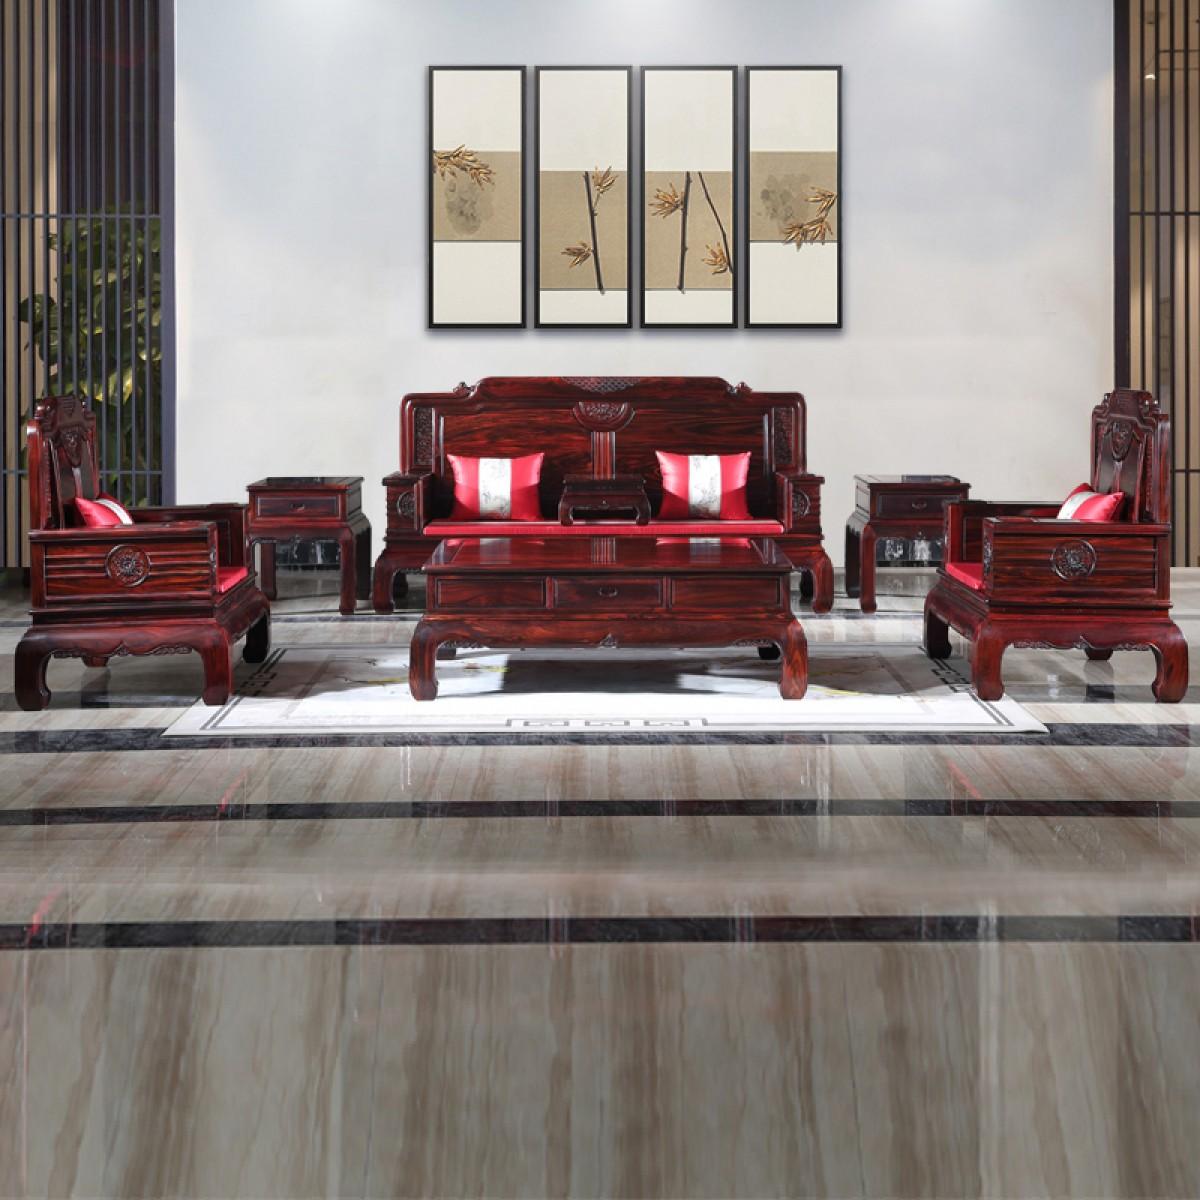 阔叶黄檀印尼黑酸枝金玉满堂沙发客厅古典款国标红木